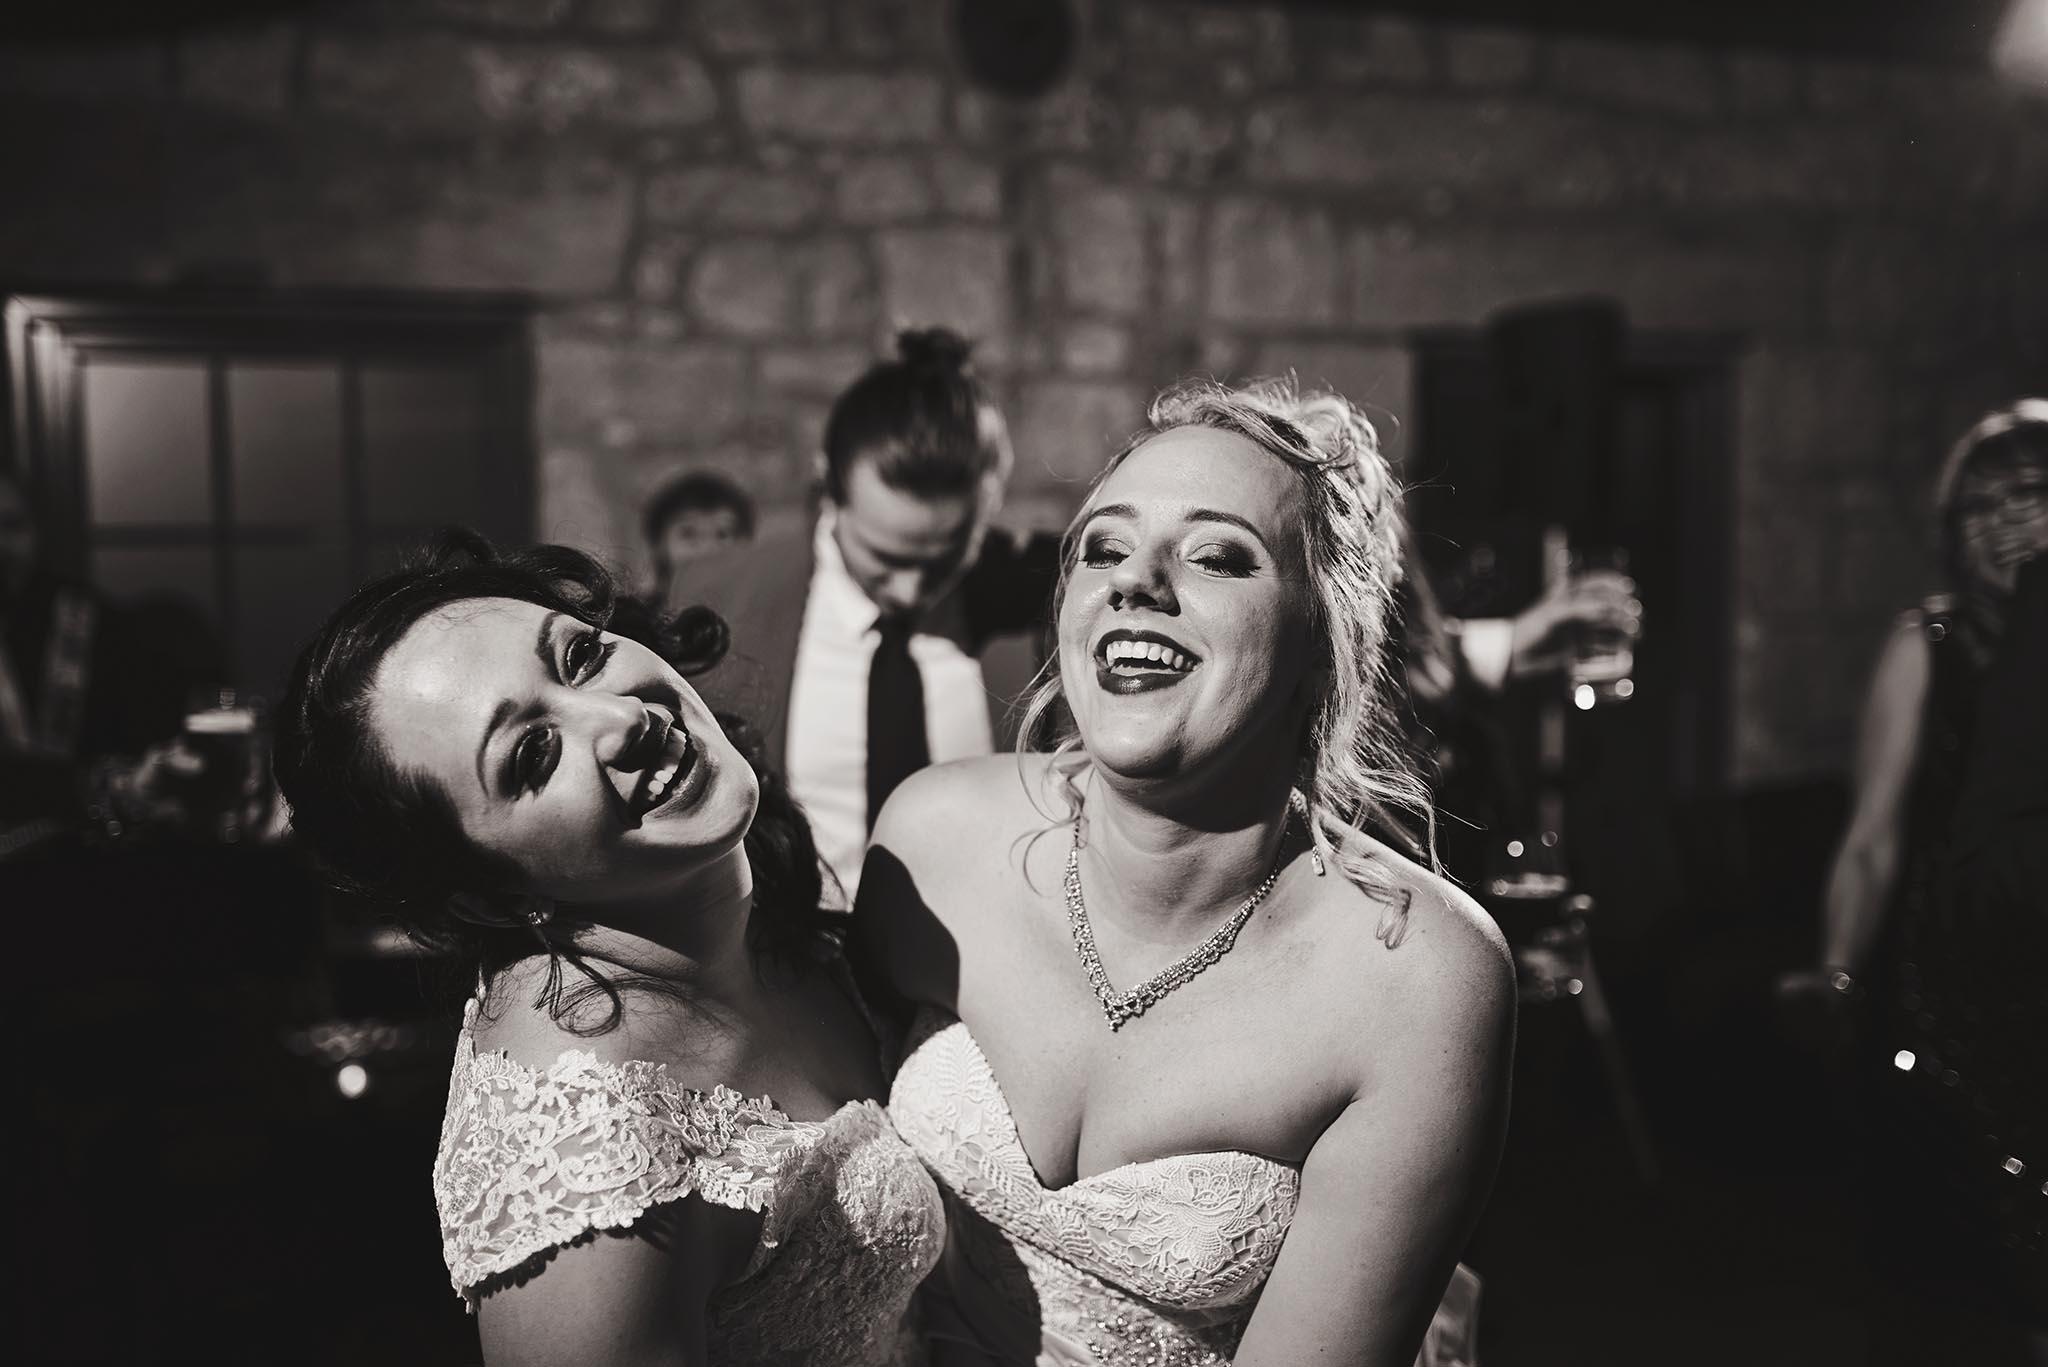 Peter-Bendevis-Photography-Kris-Laura-Cambridge-Mill-Winter-Wedding53